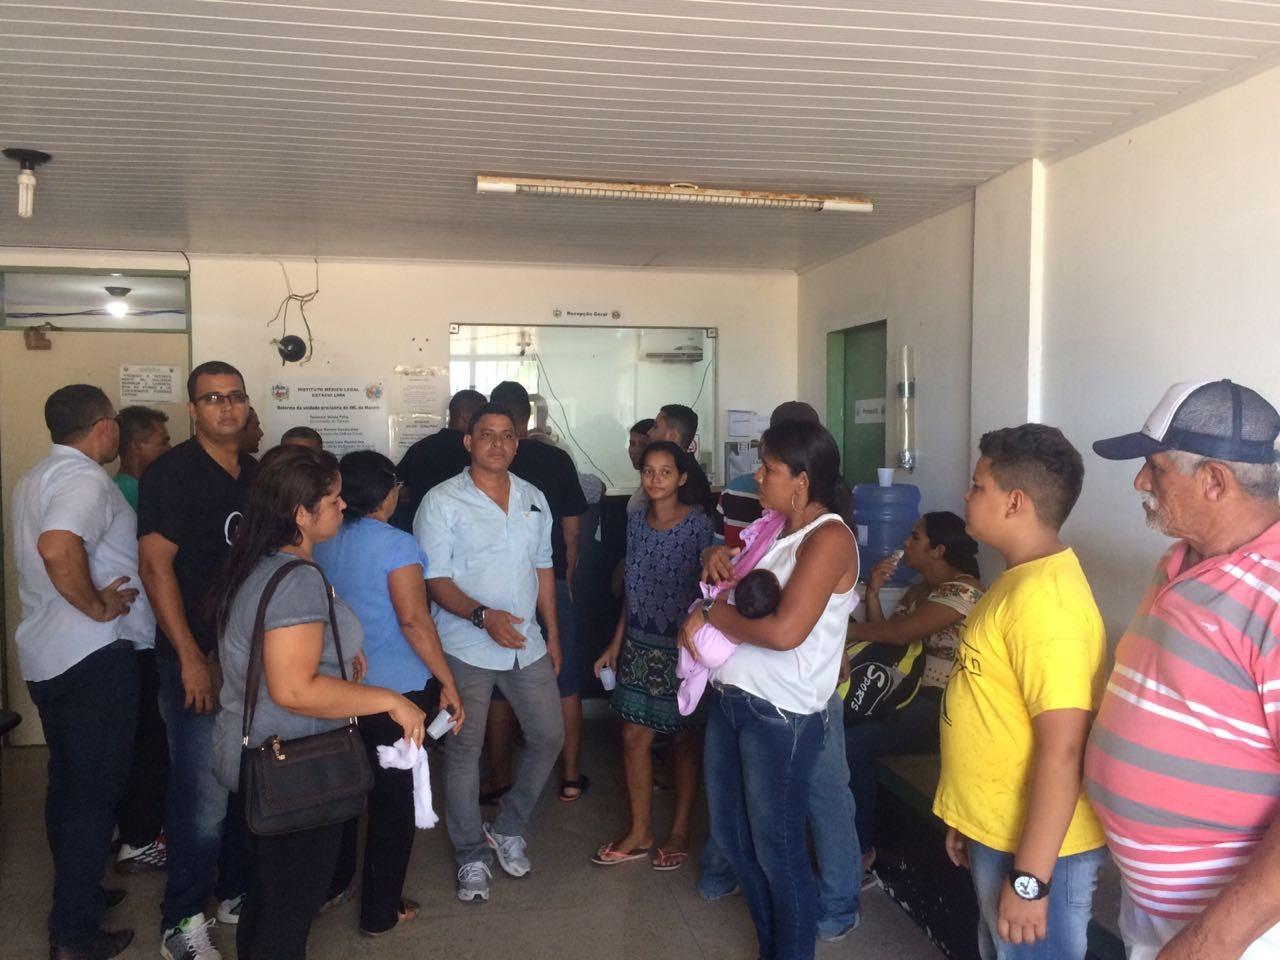 Atraso na liberação de corpos no IML de Maceió revolta familiares